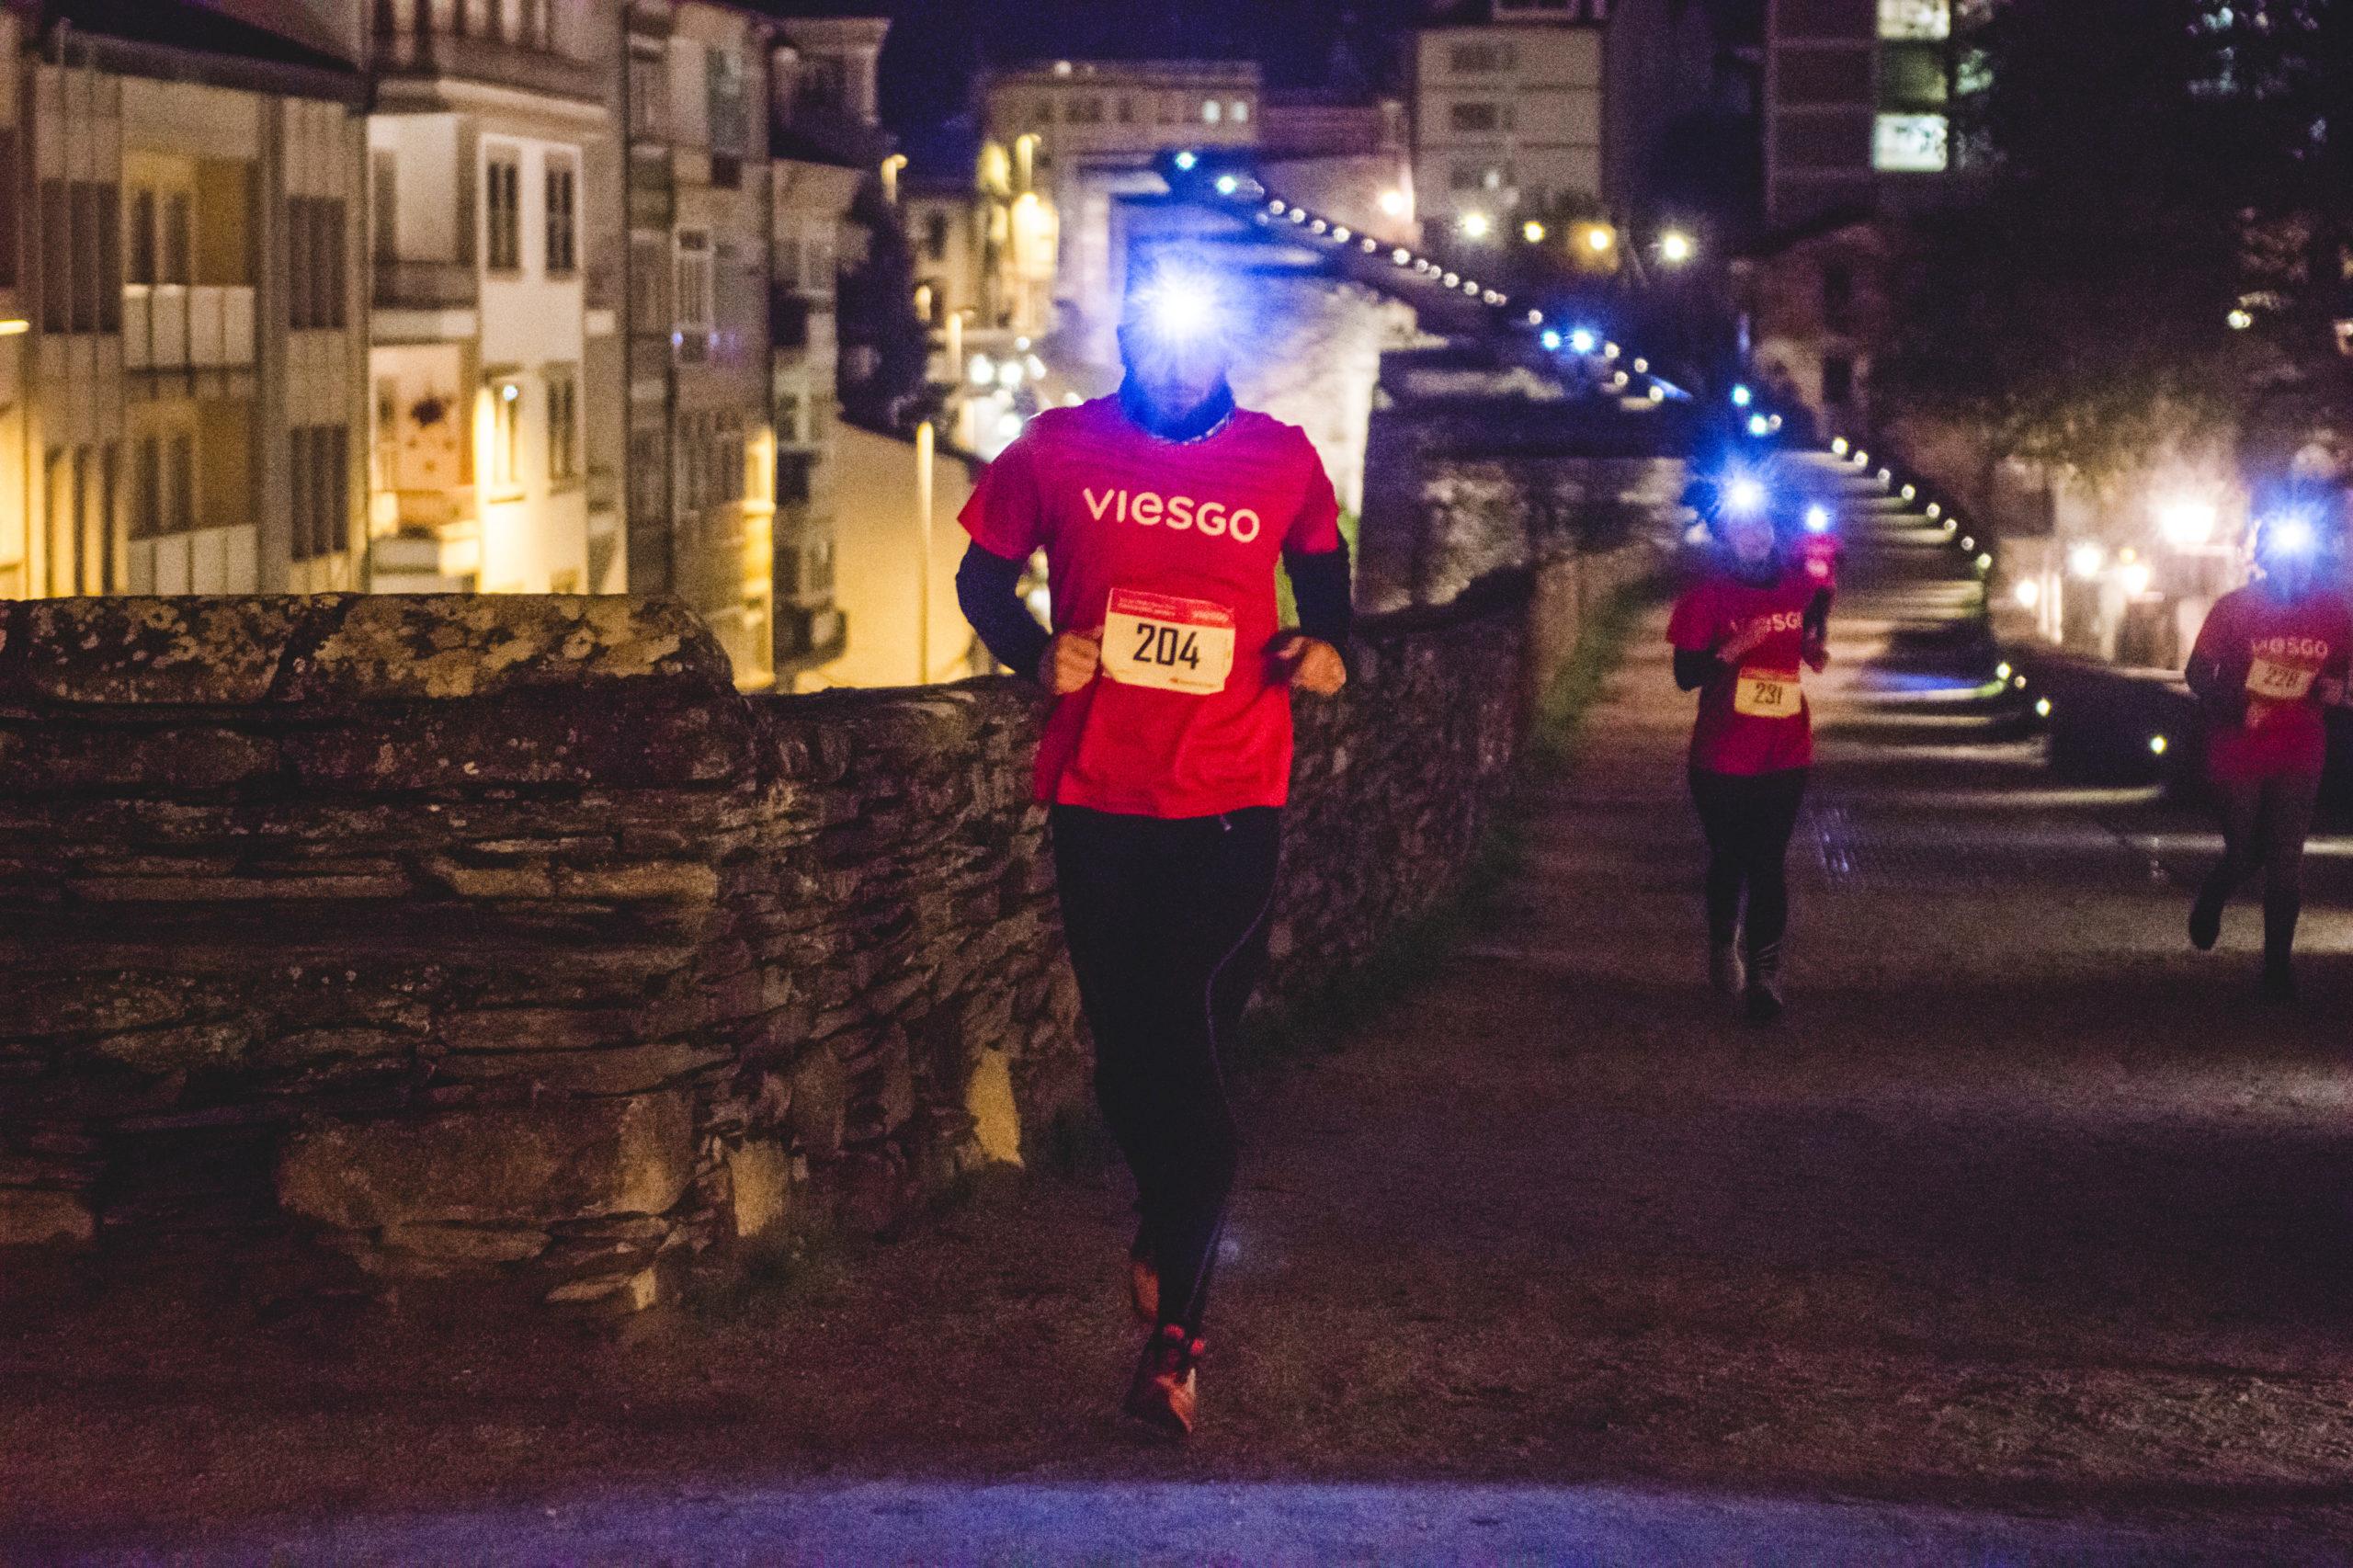 viesgo-carrera-noche-muralla